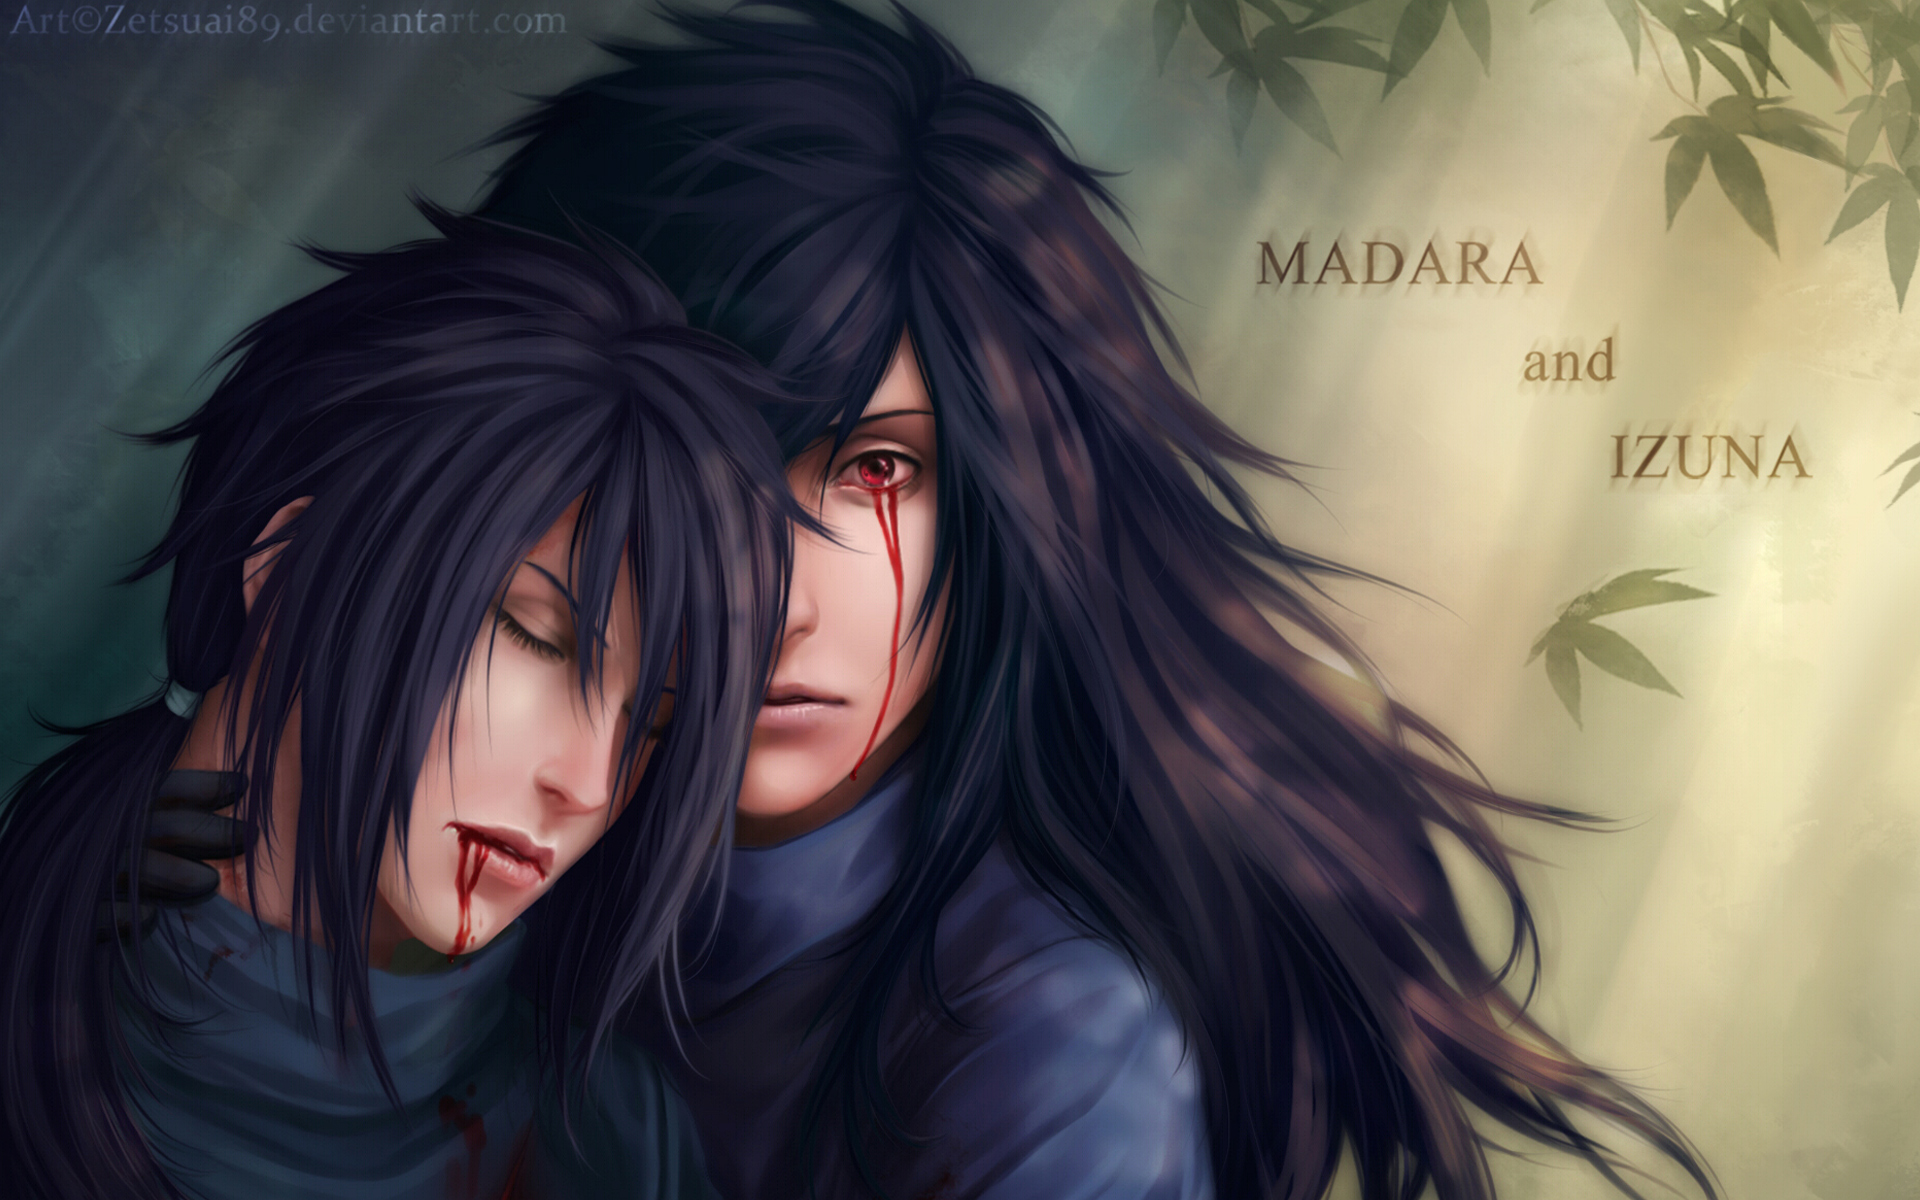 madara uchiha and izuna uchiha anime hd wallpaper full resolution 1920x1200